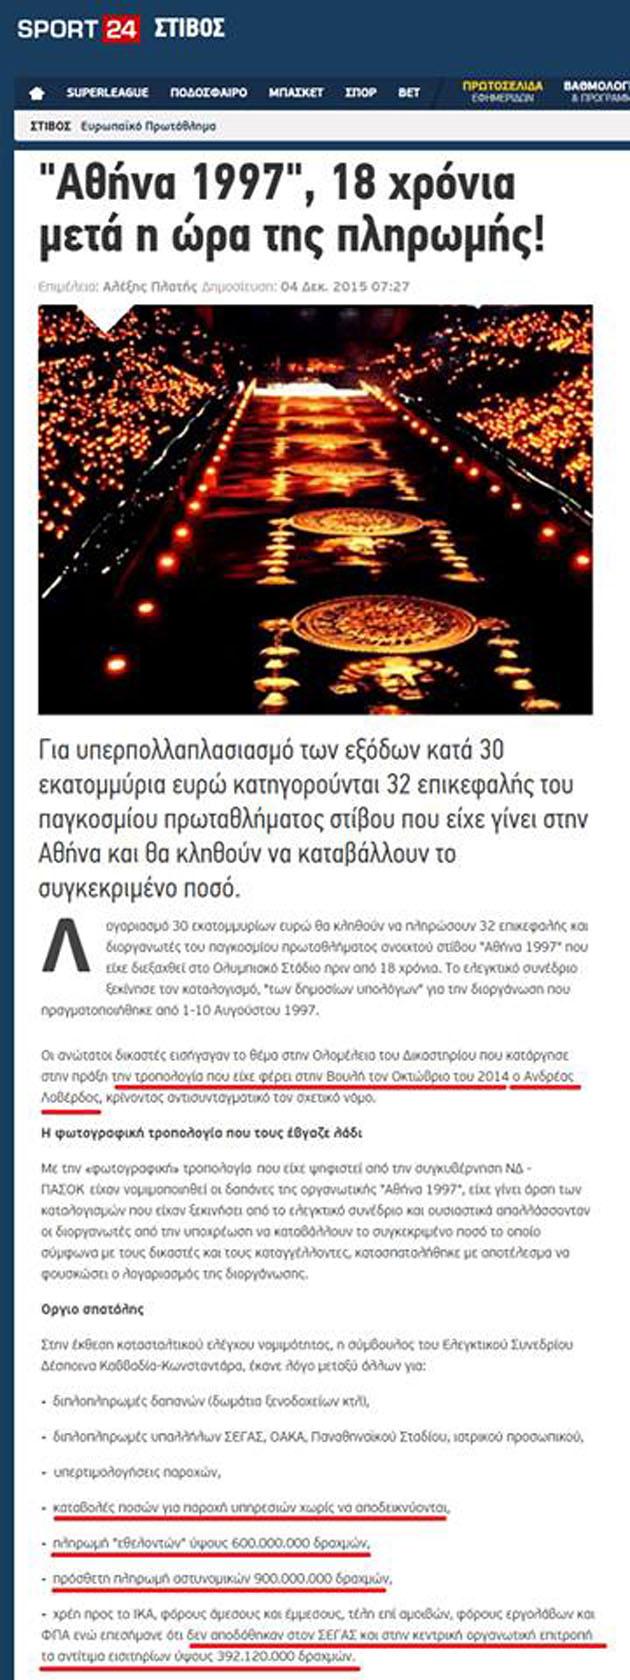 Οἱ ...«ἁμαρτίες» τοῦ «Ἀθῆναι -97» πότε θά πληρωθοῦν;2